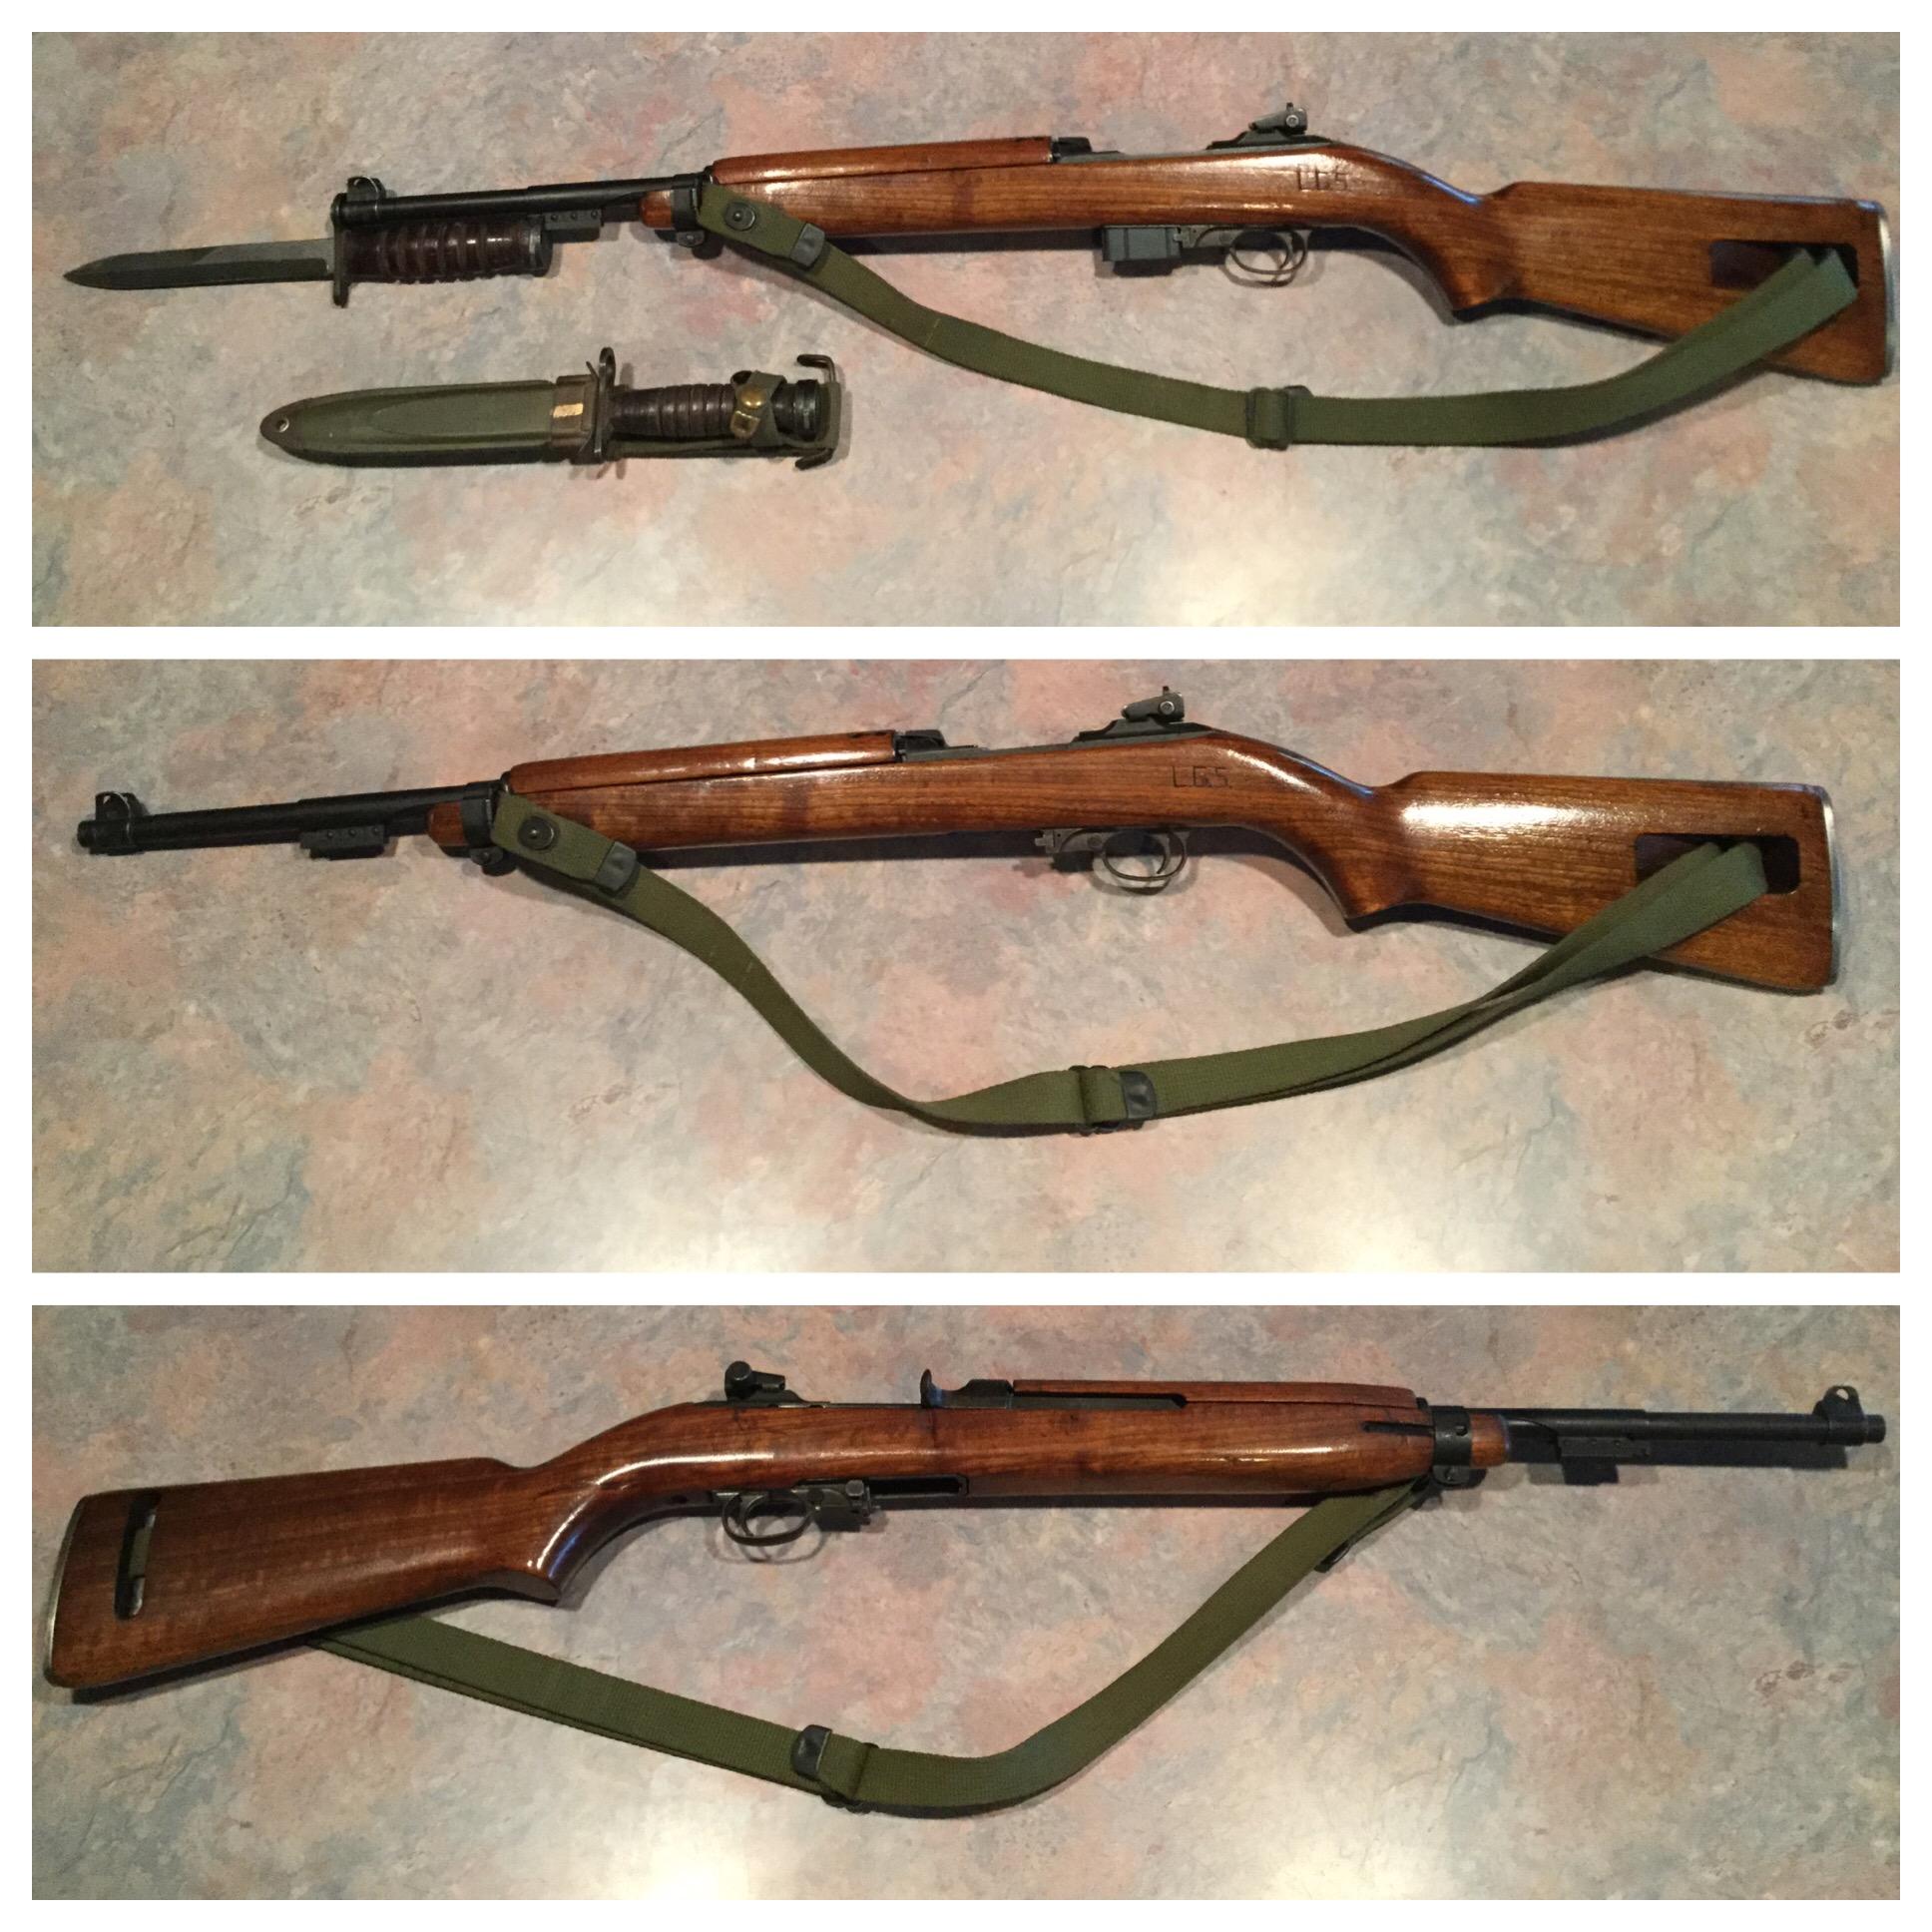 WTS:  M1 Carbines-96db23f4-3432-42d4-85d2-7dd4e24ae8e9.jpeg